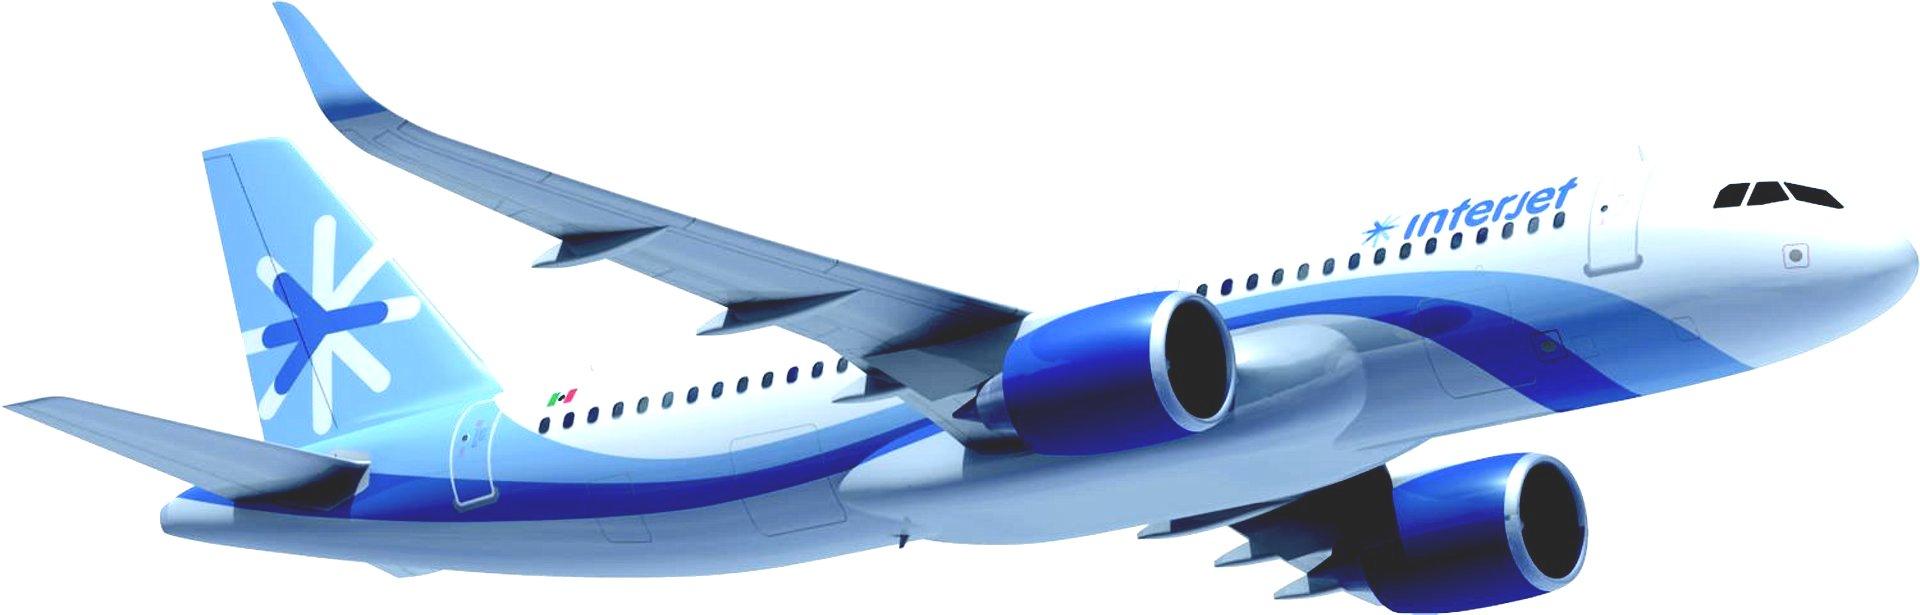 A320neo_PW_AIJ_V10_HR